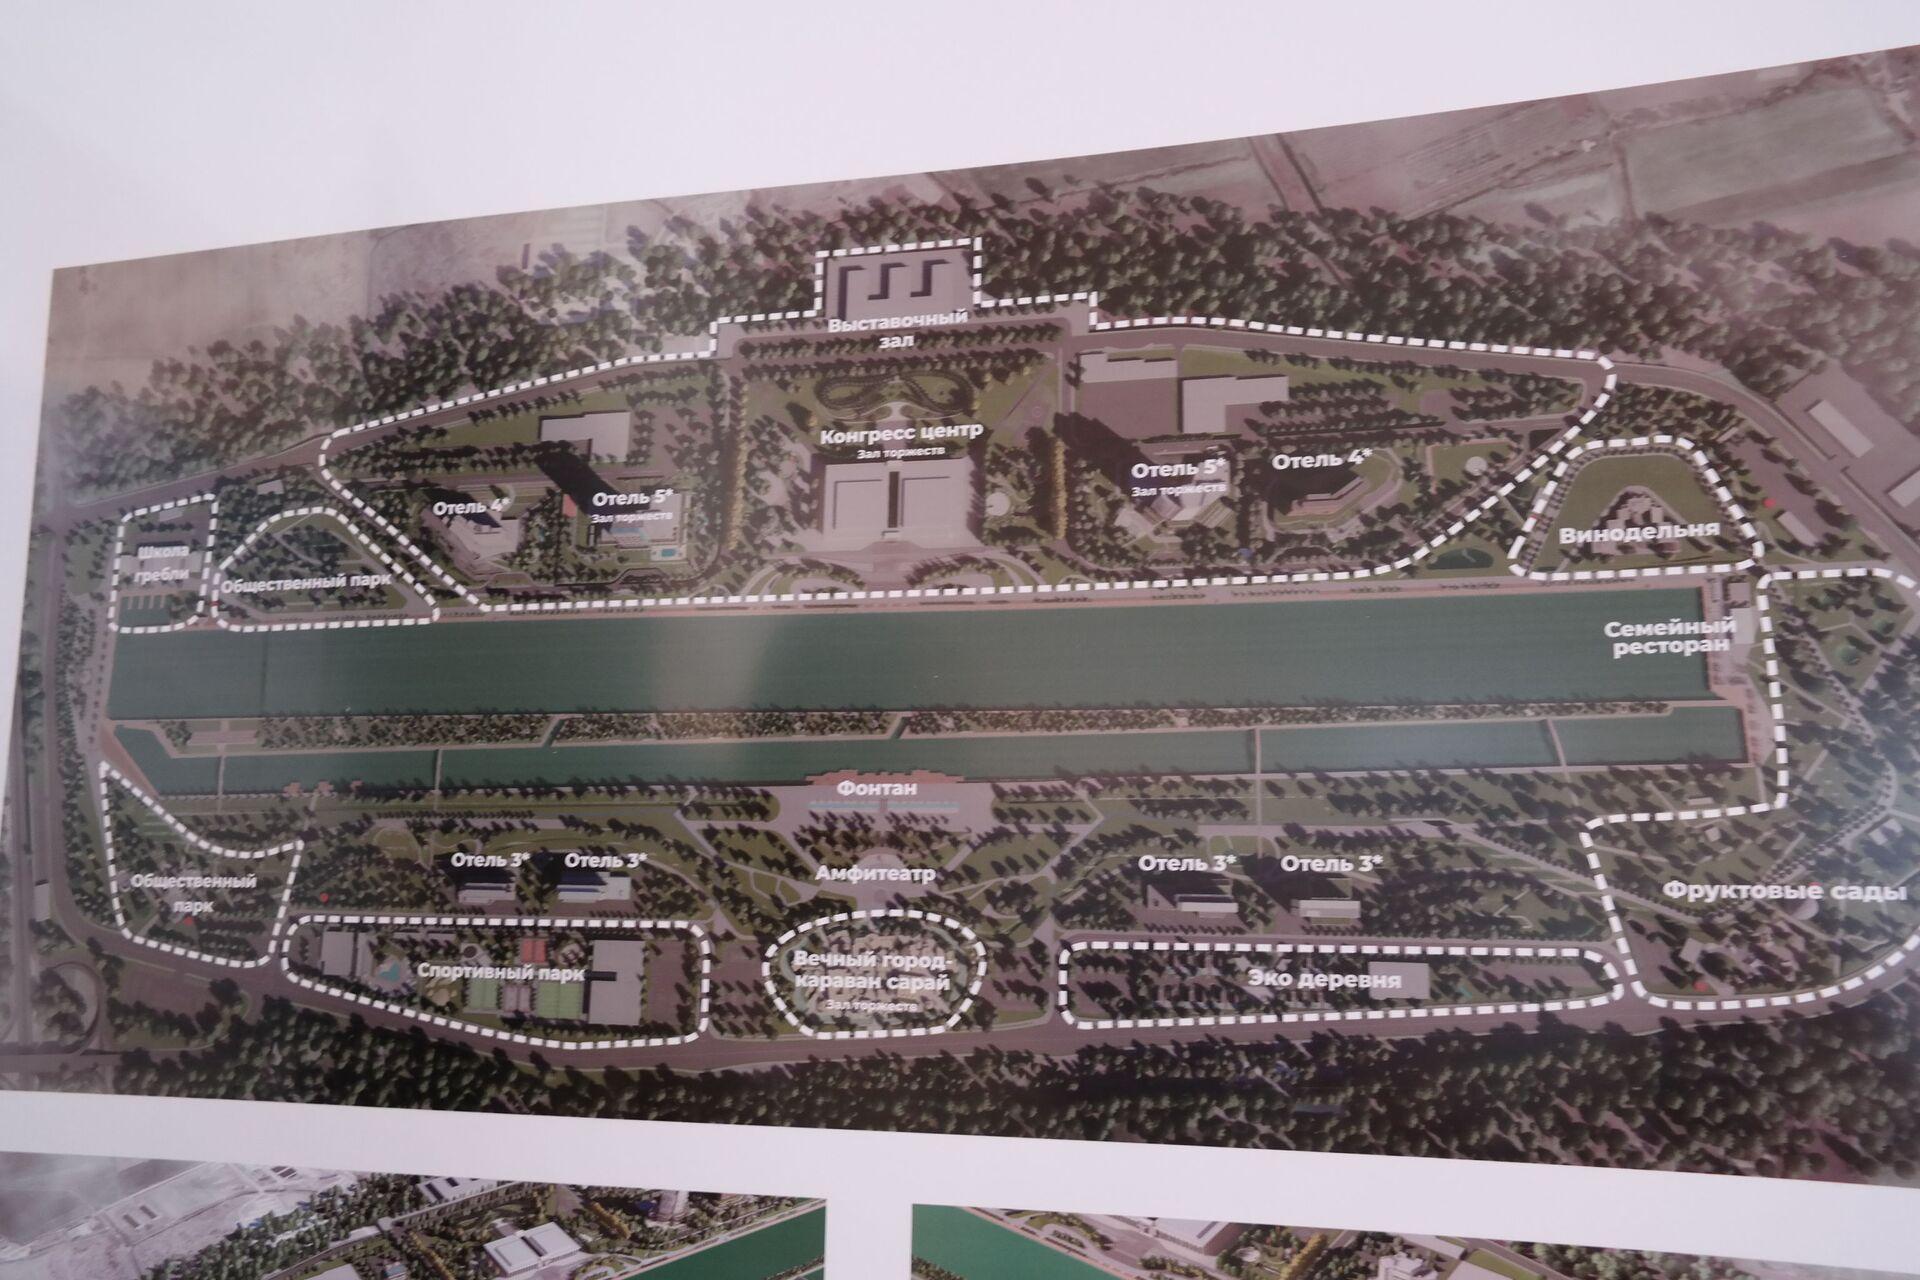 Строительство нового туристического центра, где расположен Гребной канал. - Sputnik Узбекистан, 1920, 10.03.2021